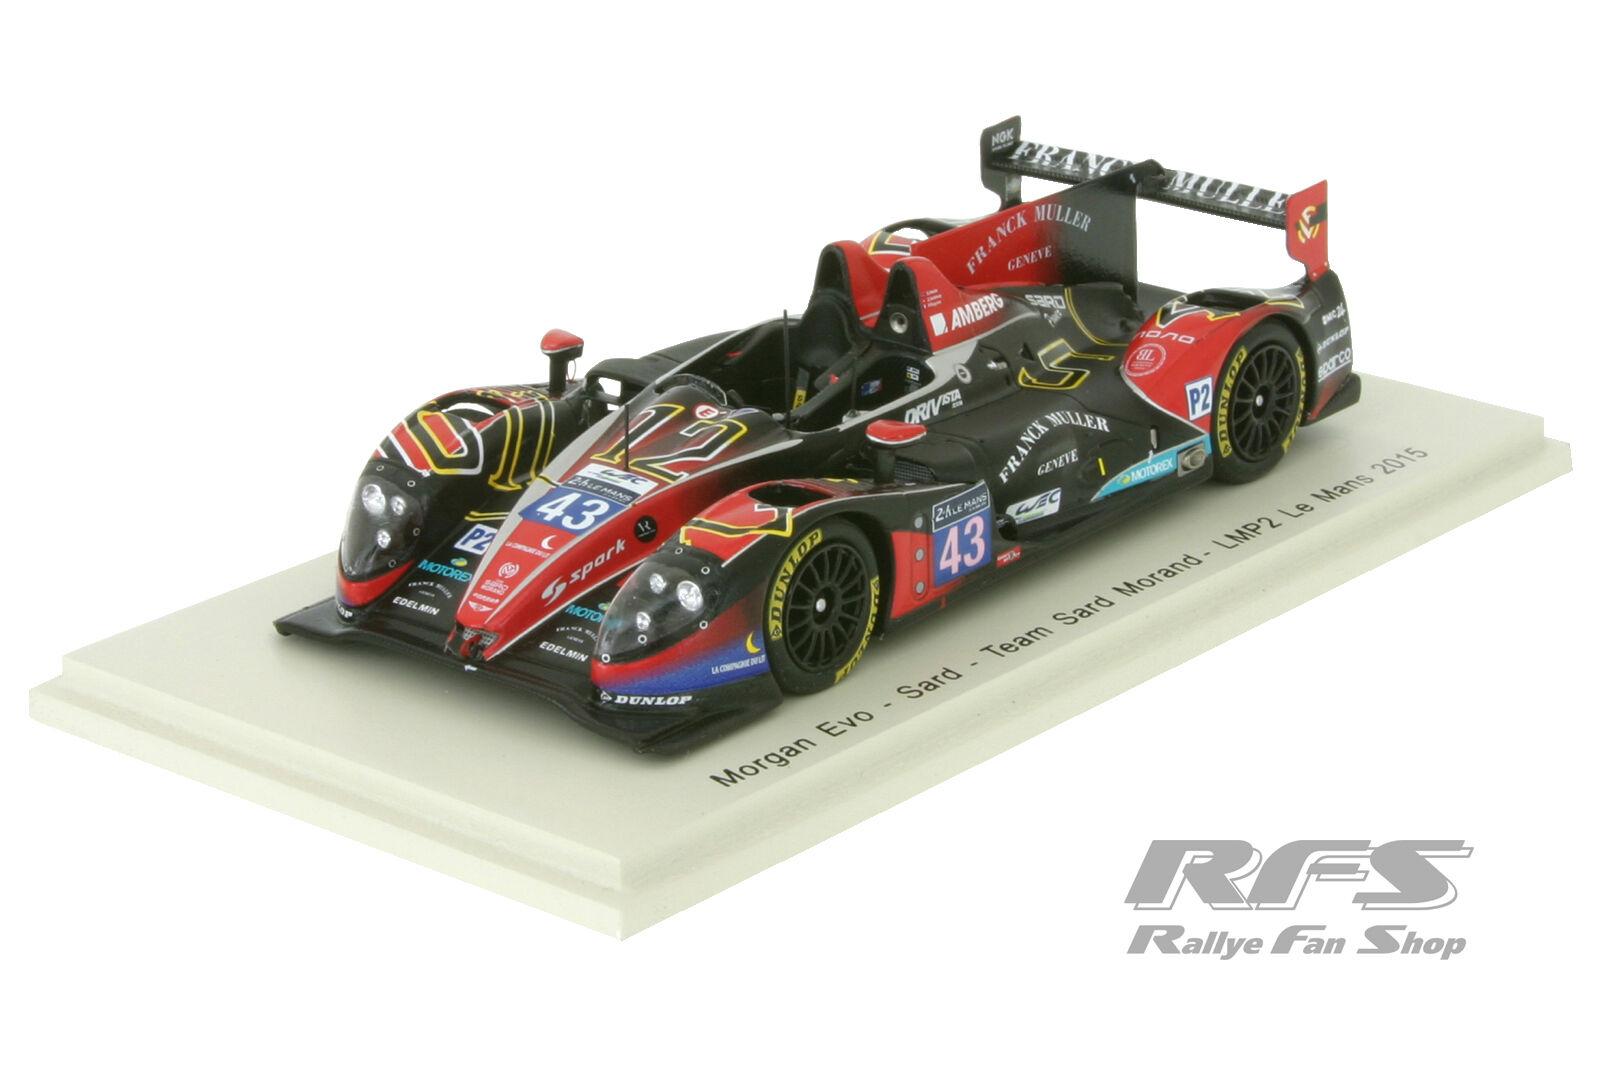 Morgan lmp2 EVO sard - 24h Le Mans 2015-équipe sard-Morand - 1 43 spark 4657